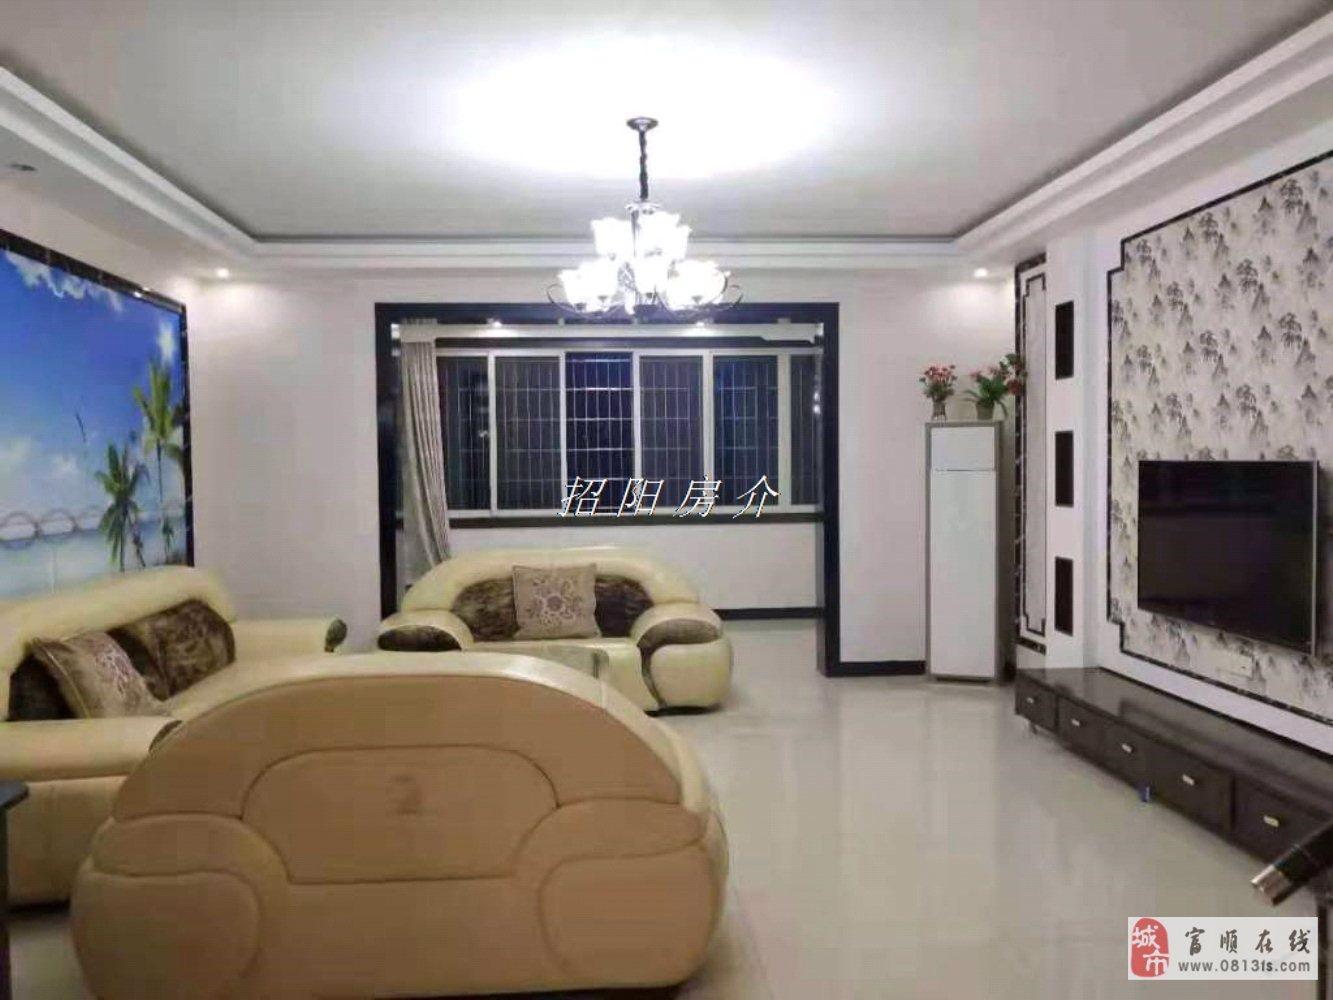 顺心家园精装3室2厅2卫2楼急售64.8万元